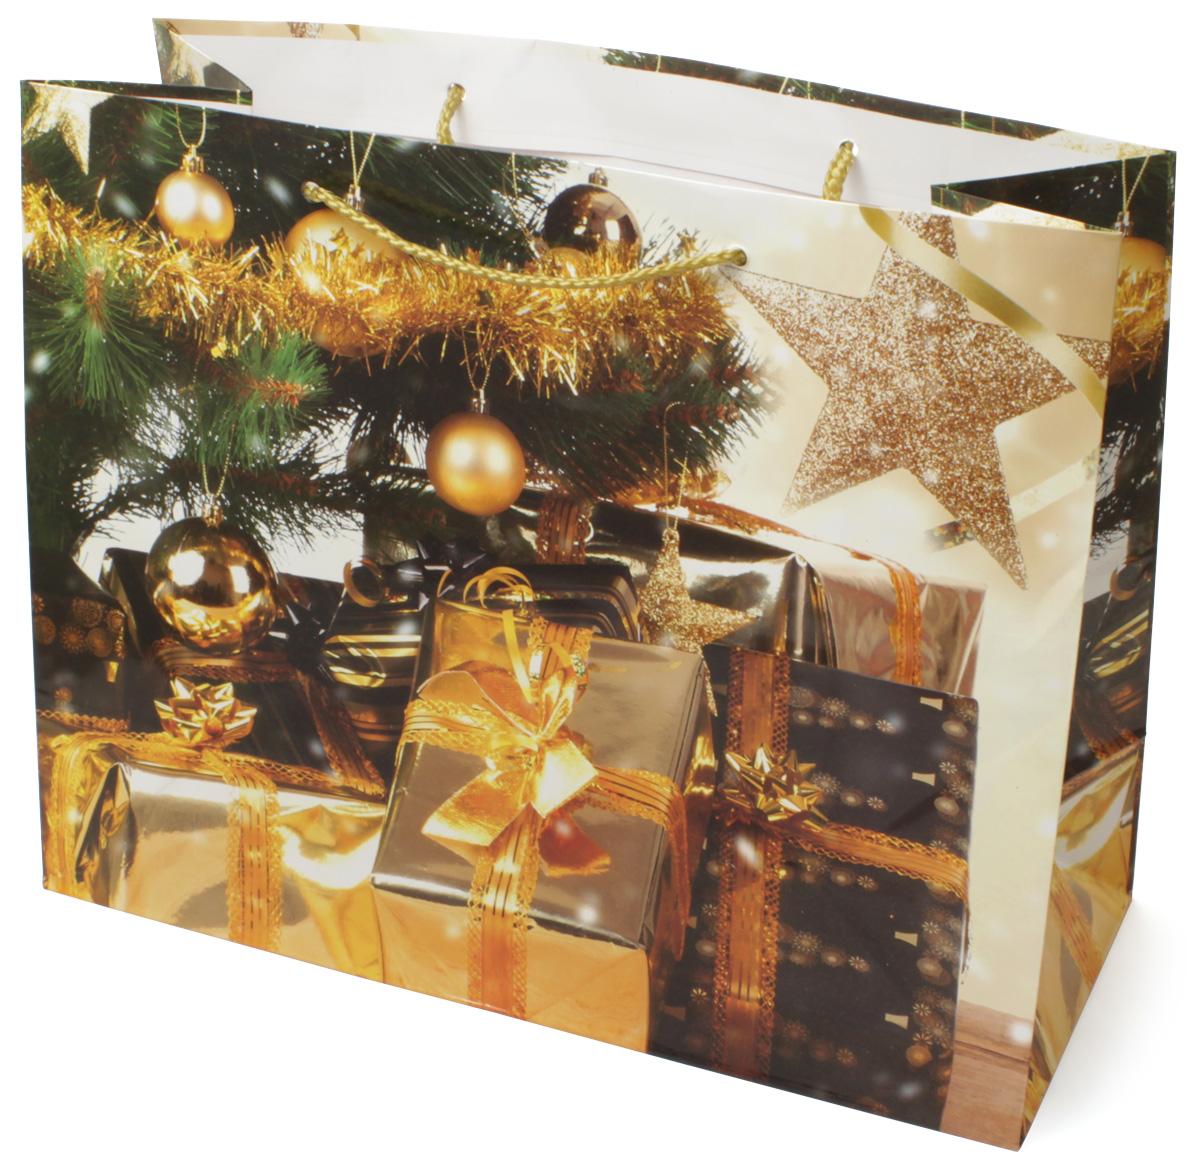 Пакет подарочный МегаМАГ Новый год, 32,7 х 26,4 х 13,6 см. 850 LH850 LHПодарочный пакет МегаМАГ, изготовленный из плотной ламинированной бумаги, станет незаменимым дополнением к выбранному подарку. Для удобной переноски на пакете имеются две ручки-шнурки.Подарок, преподнесенный в оригинальной упаковке, всегда будет самым эффектным и запоминающимся. Окружите близких людей вниманием и заботой, вручив презент в нарядном, праздничном оформлении.